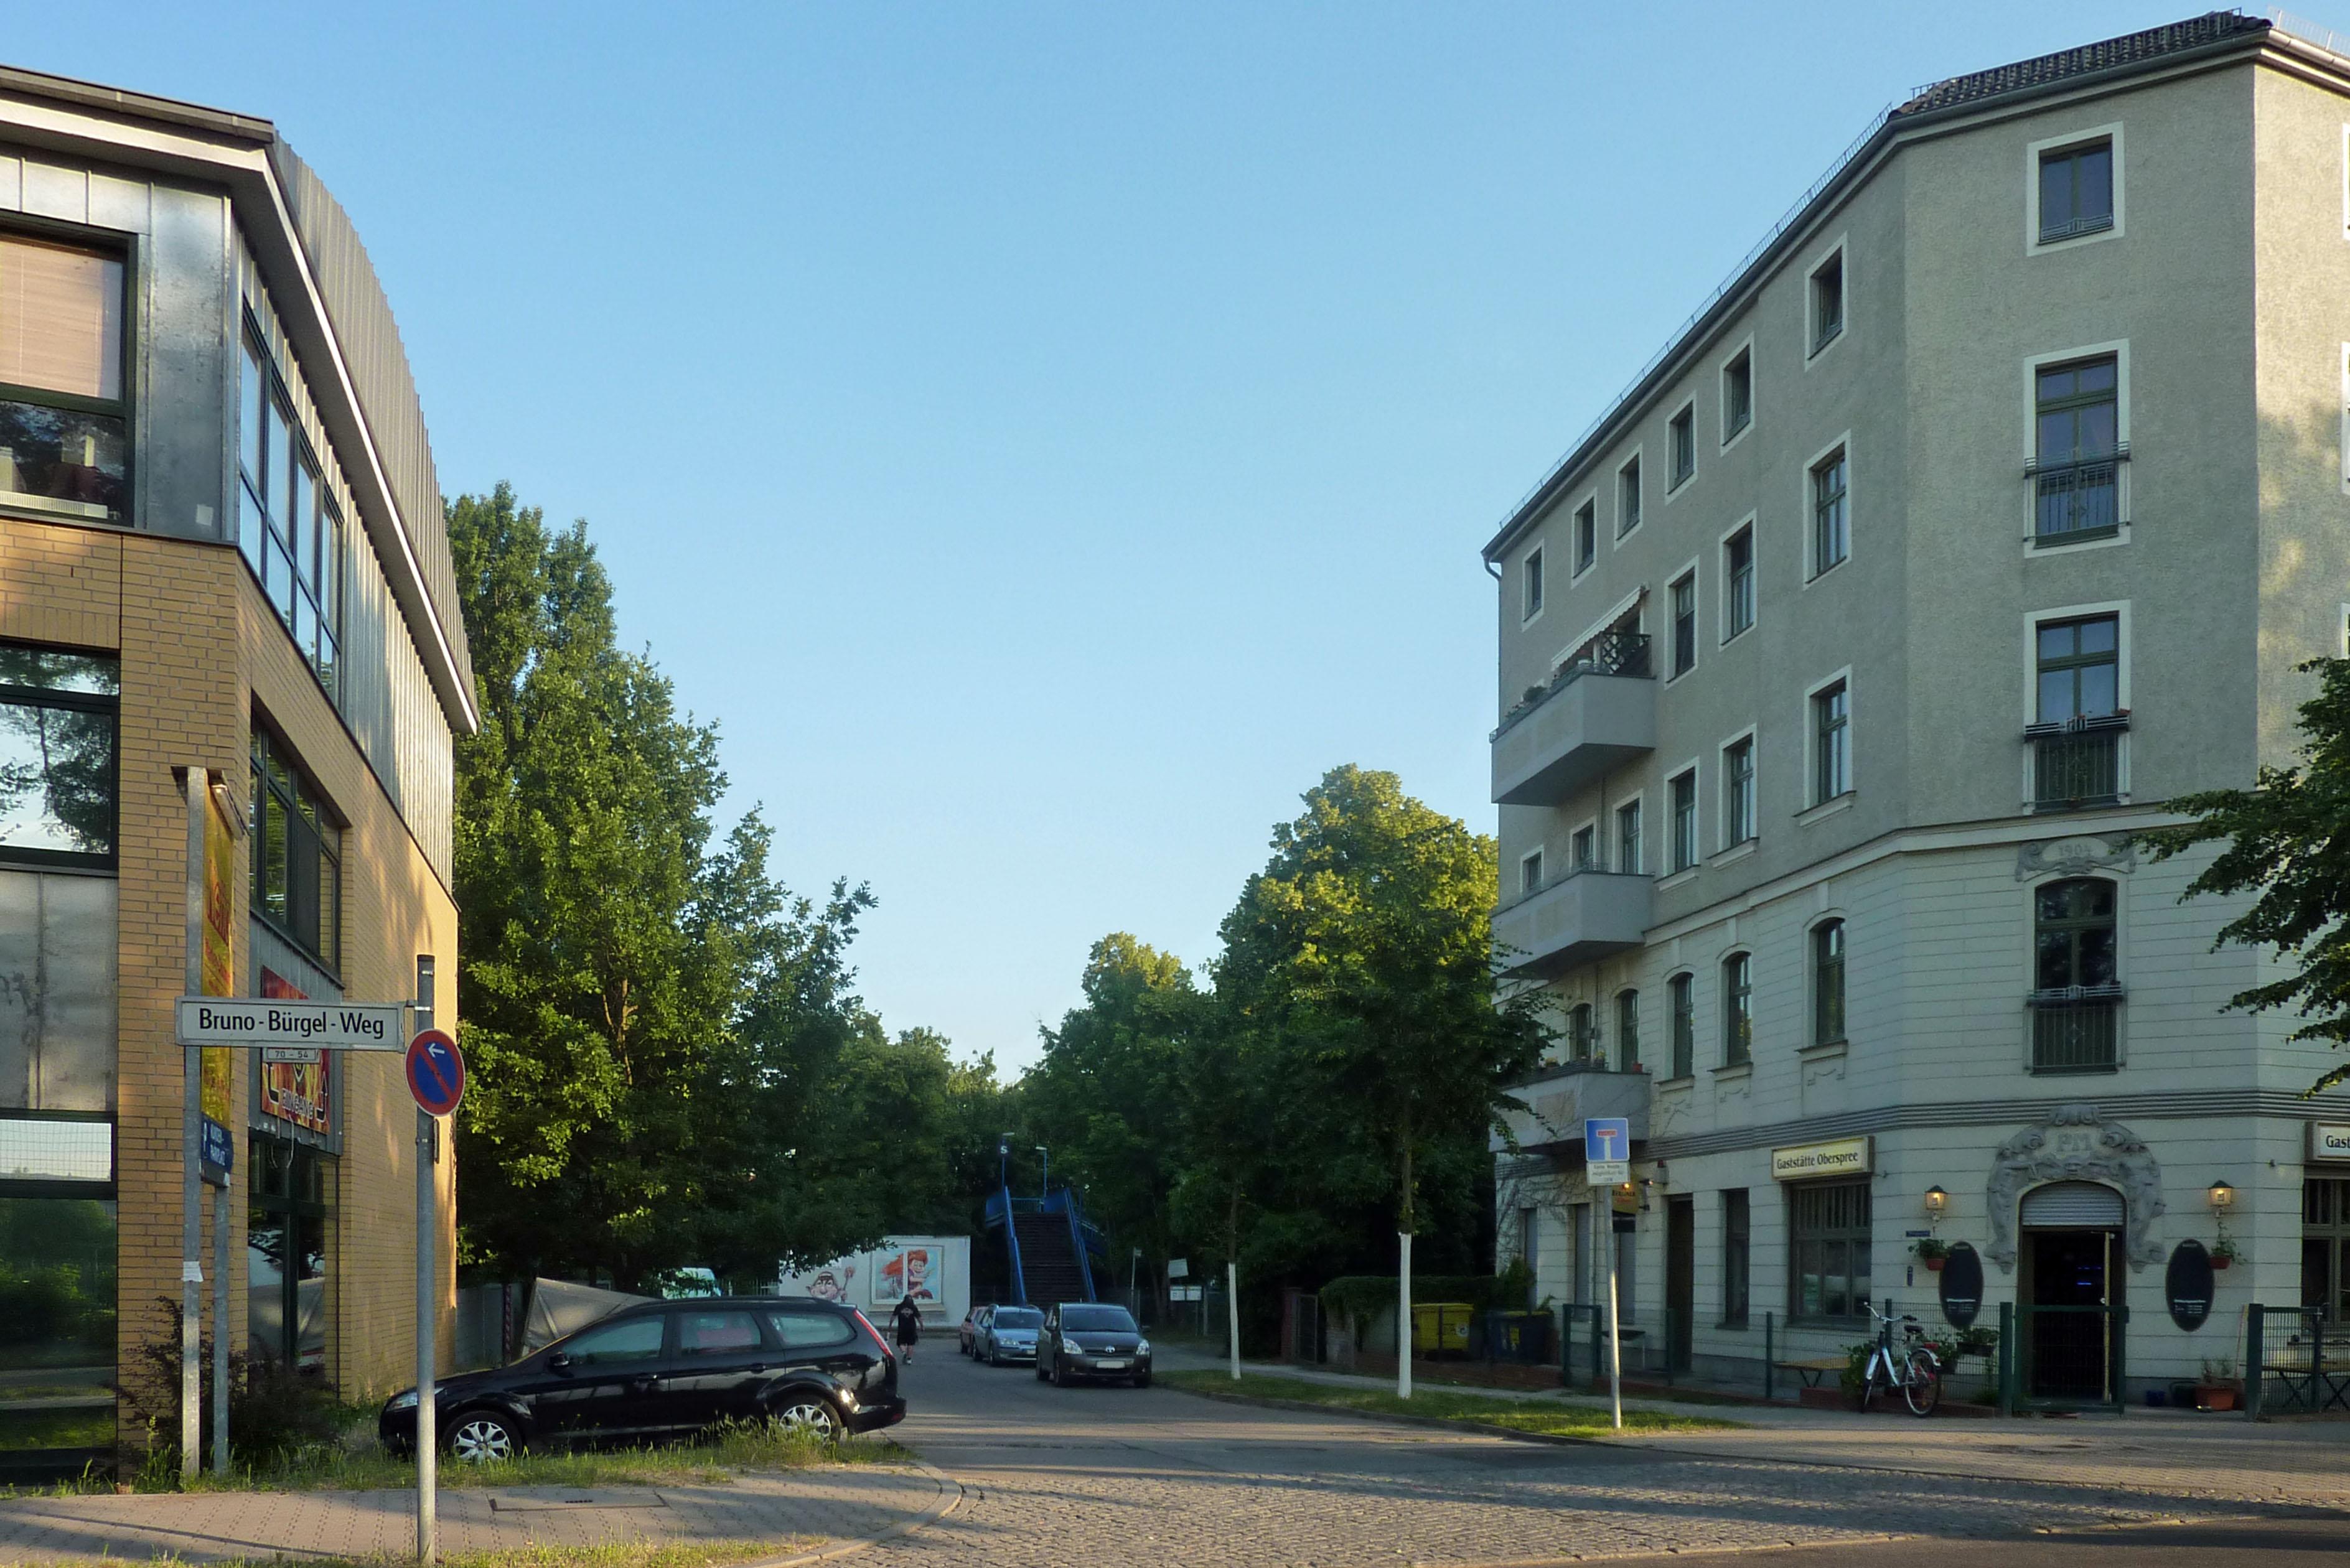 liste der stra en und pl tze in berlin niedersch neweide. Black Bedroom Furniture Sets. Home Design Ideas